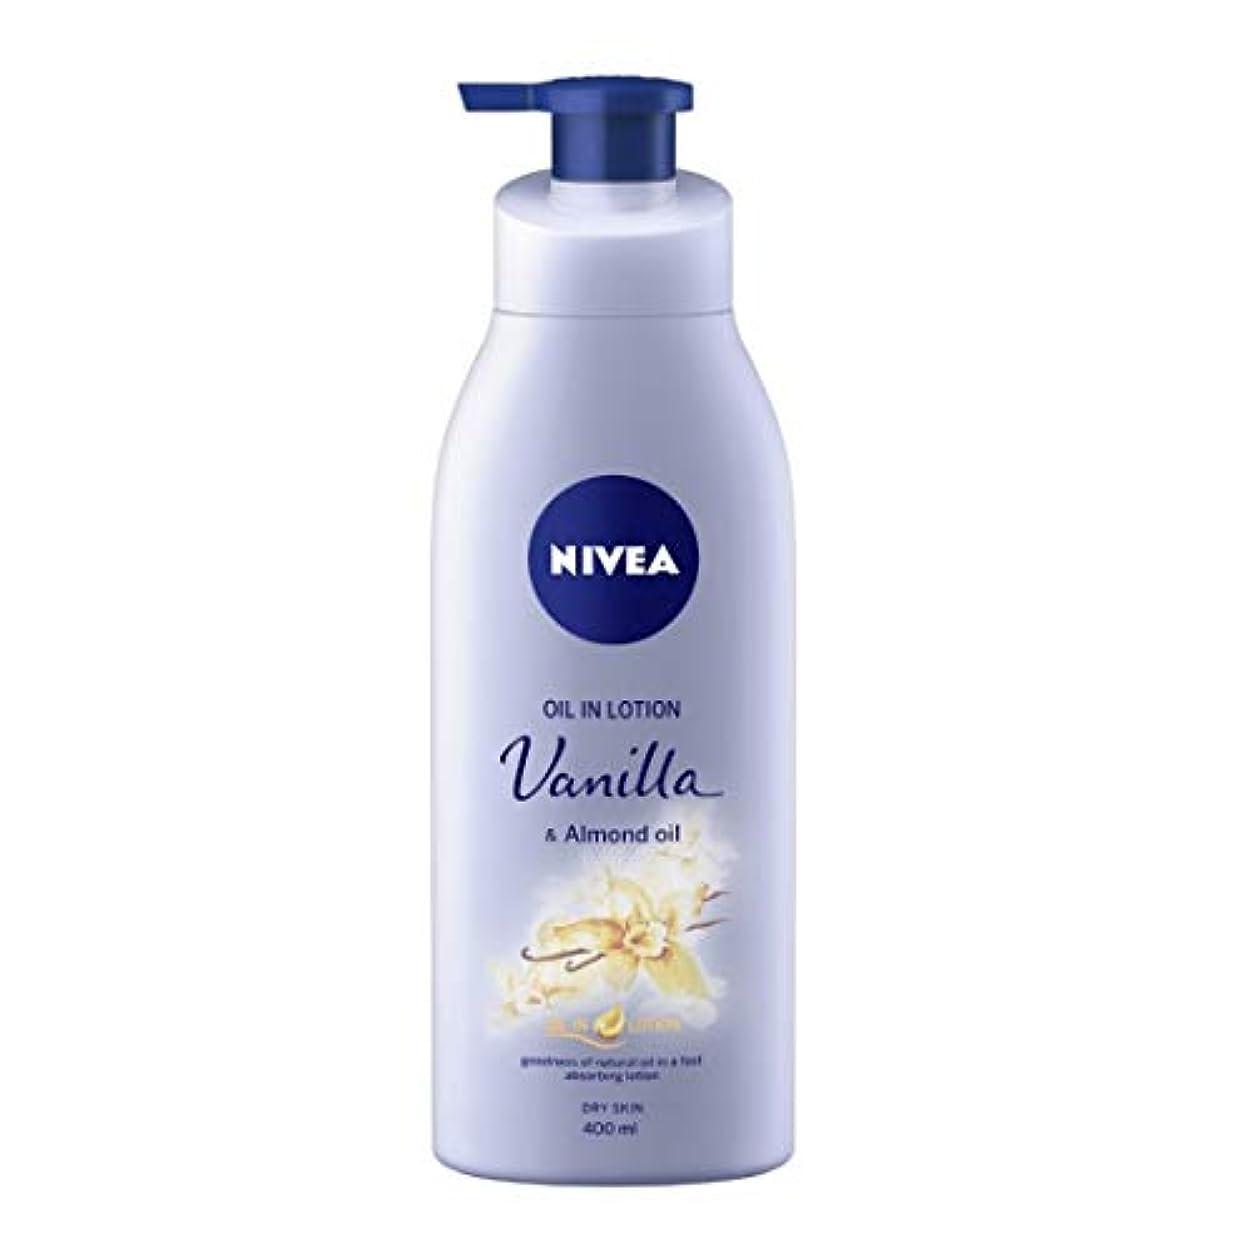 舌立場統合NIVEA Oil in Lotion, Vanilla and Almond Oil, 400ml